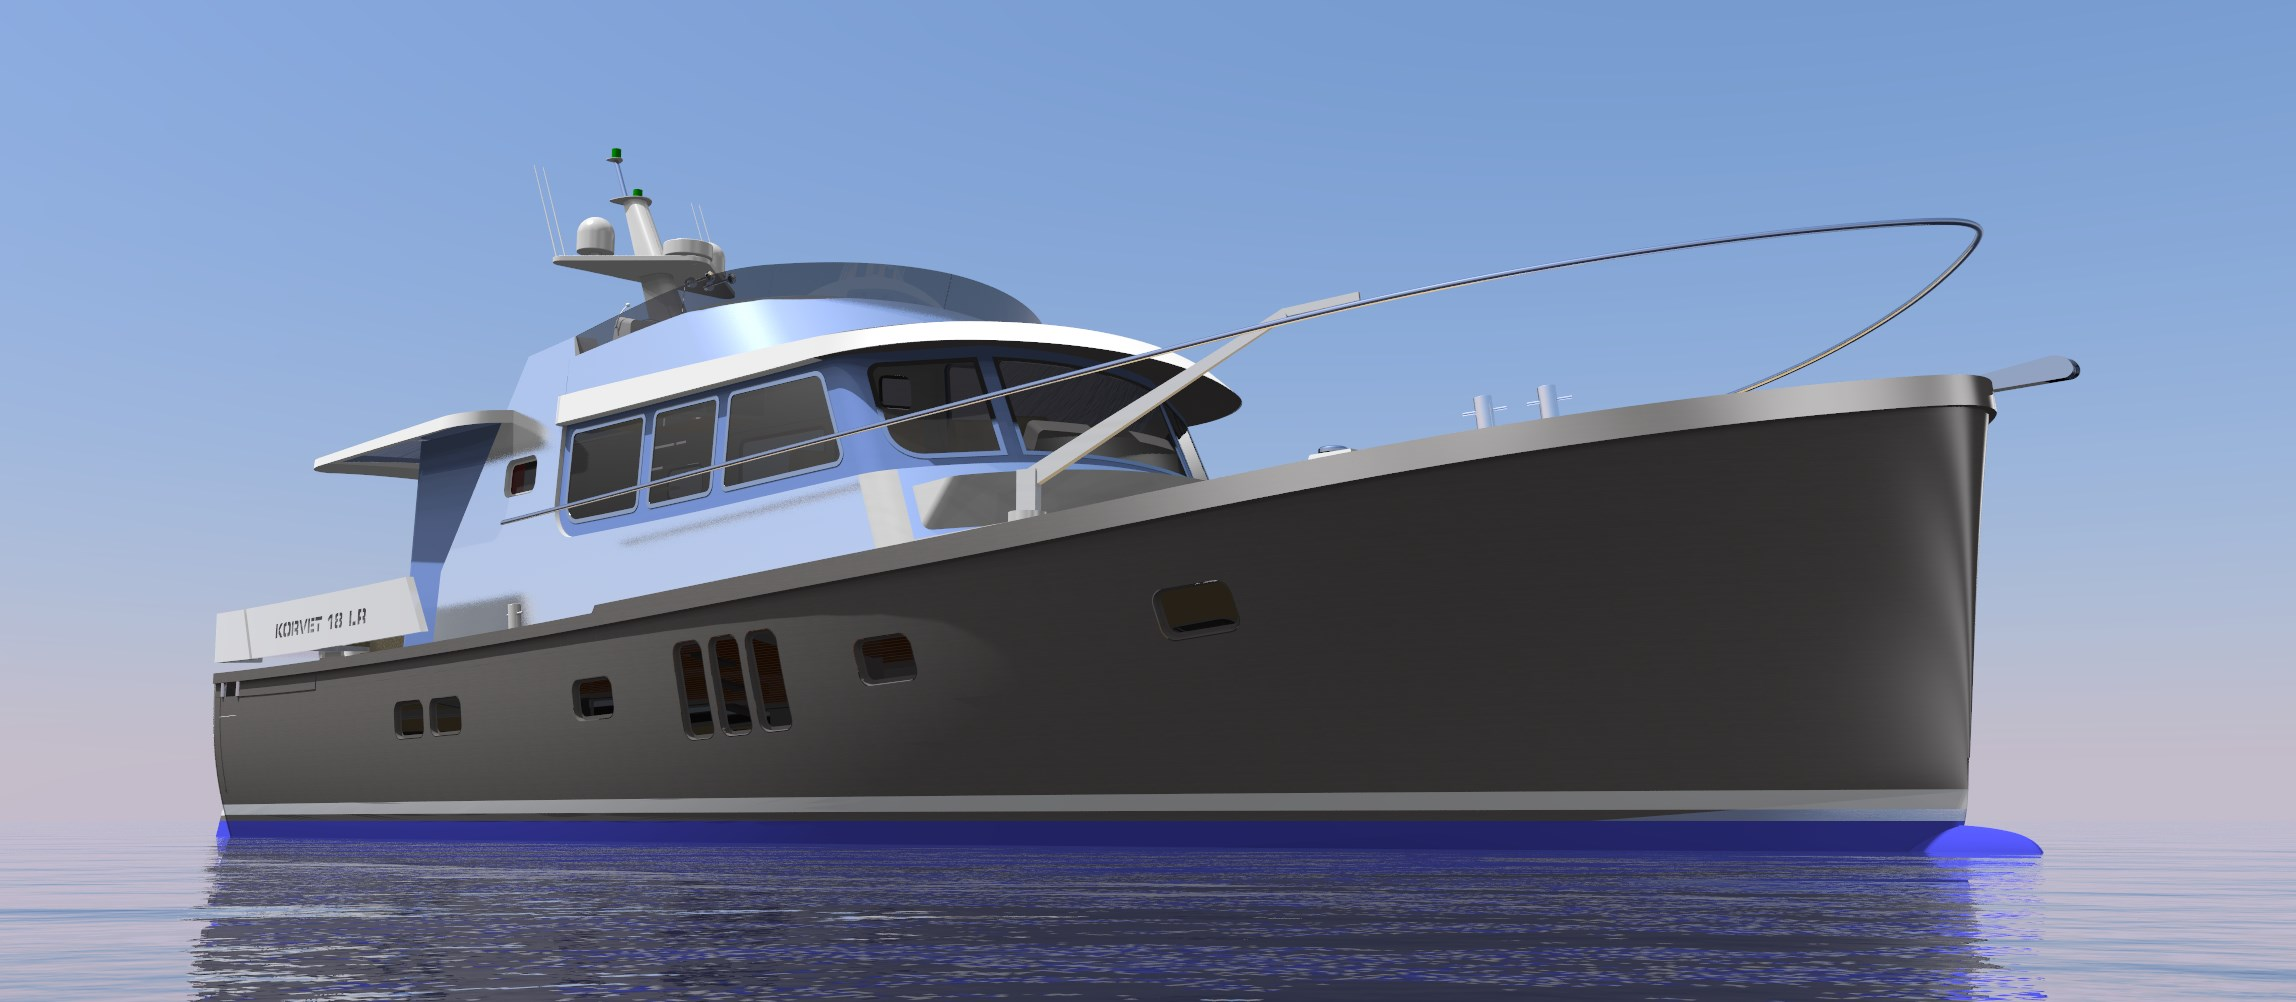 18 meter motor yacht aluminium